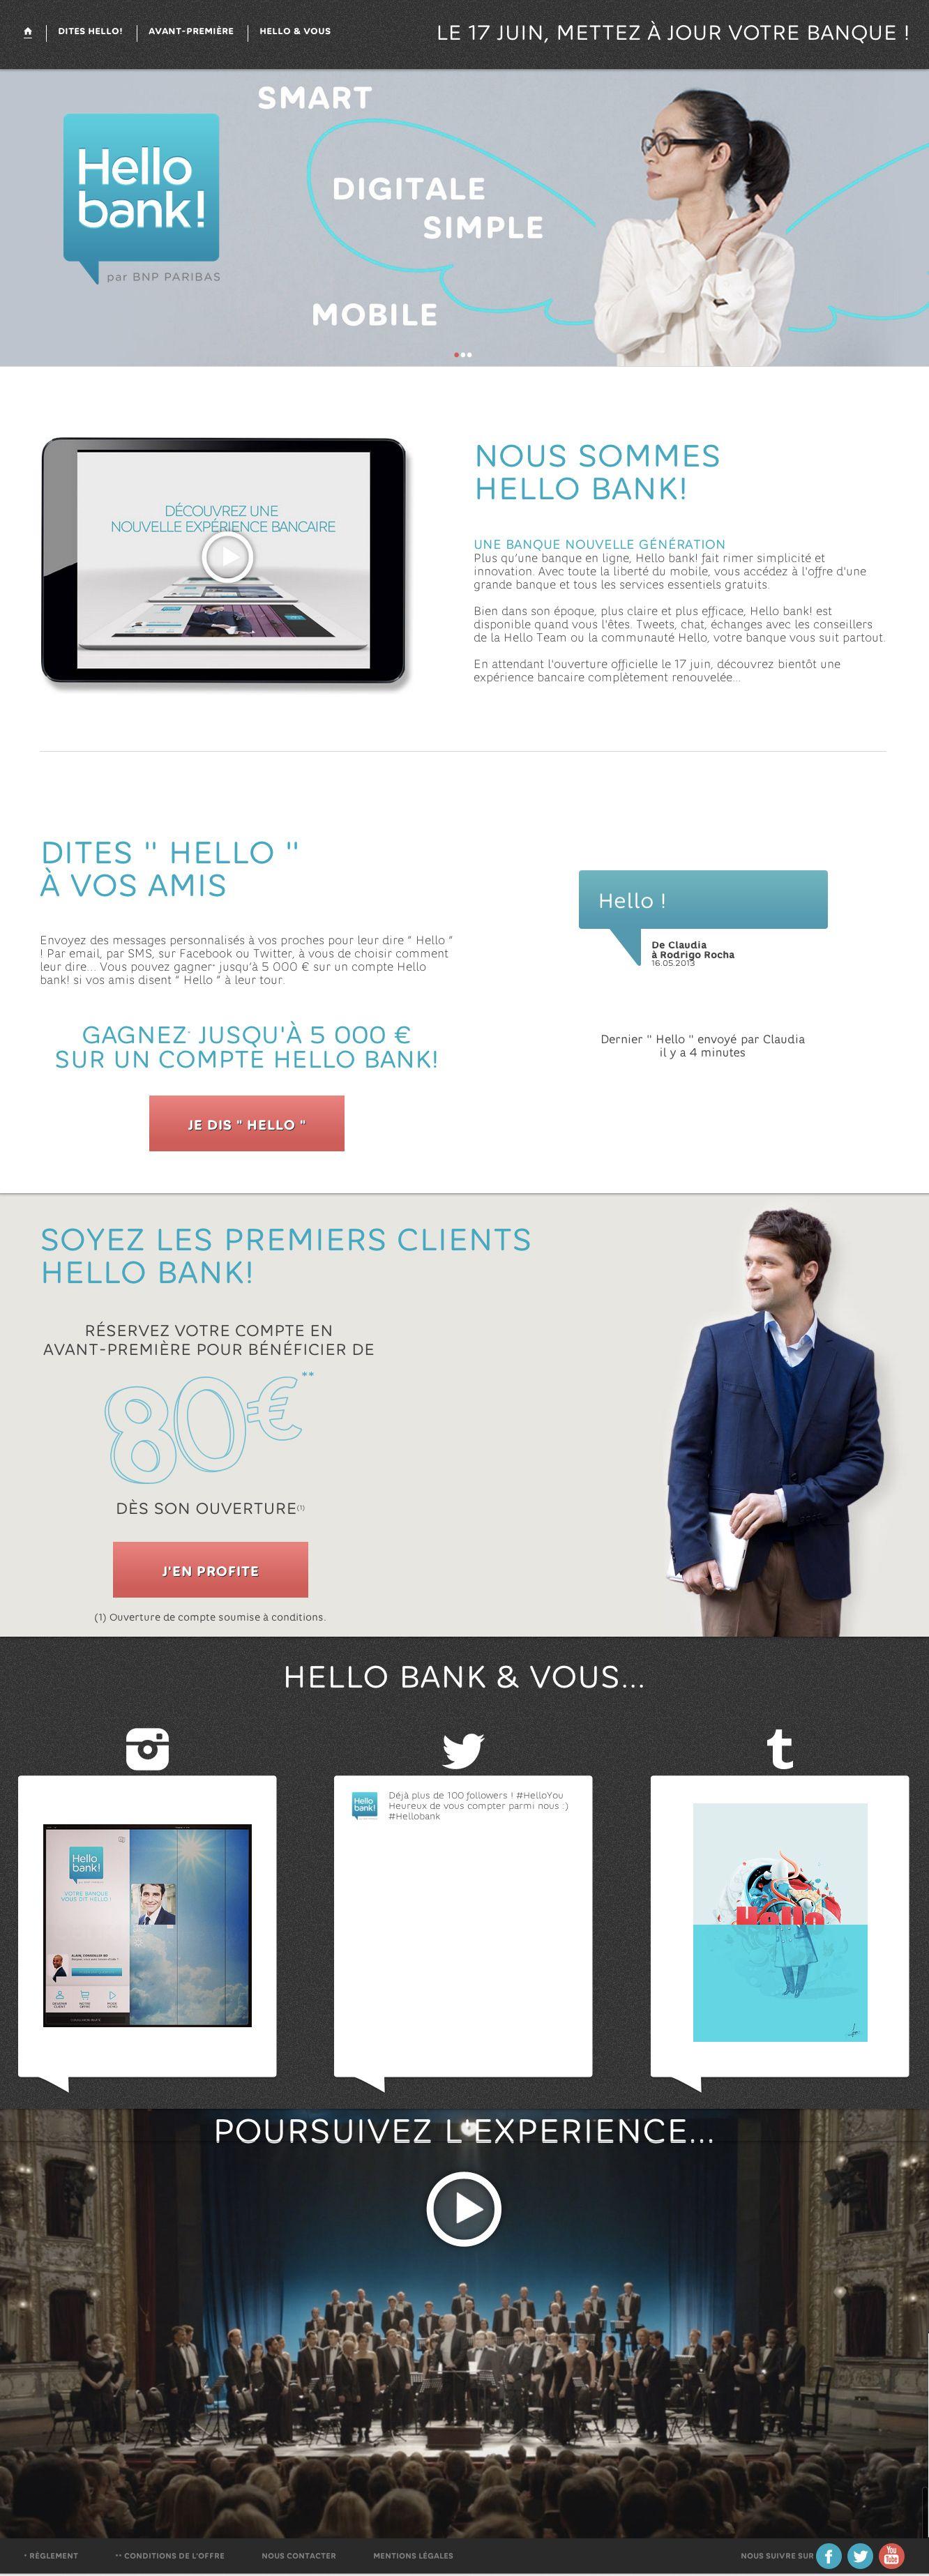 Hello Bank Votre Banque En Ligne Nouvelle Generation Paribas Banque Mobile